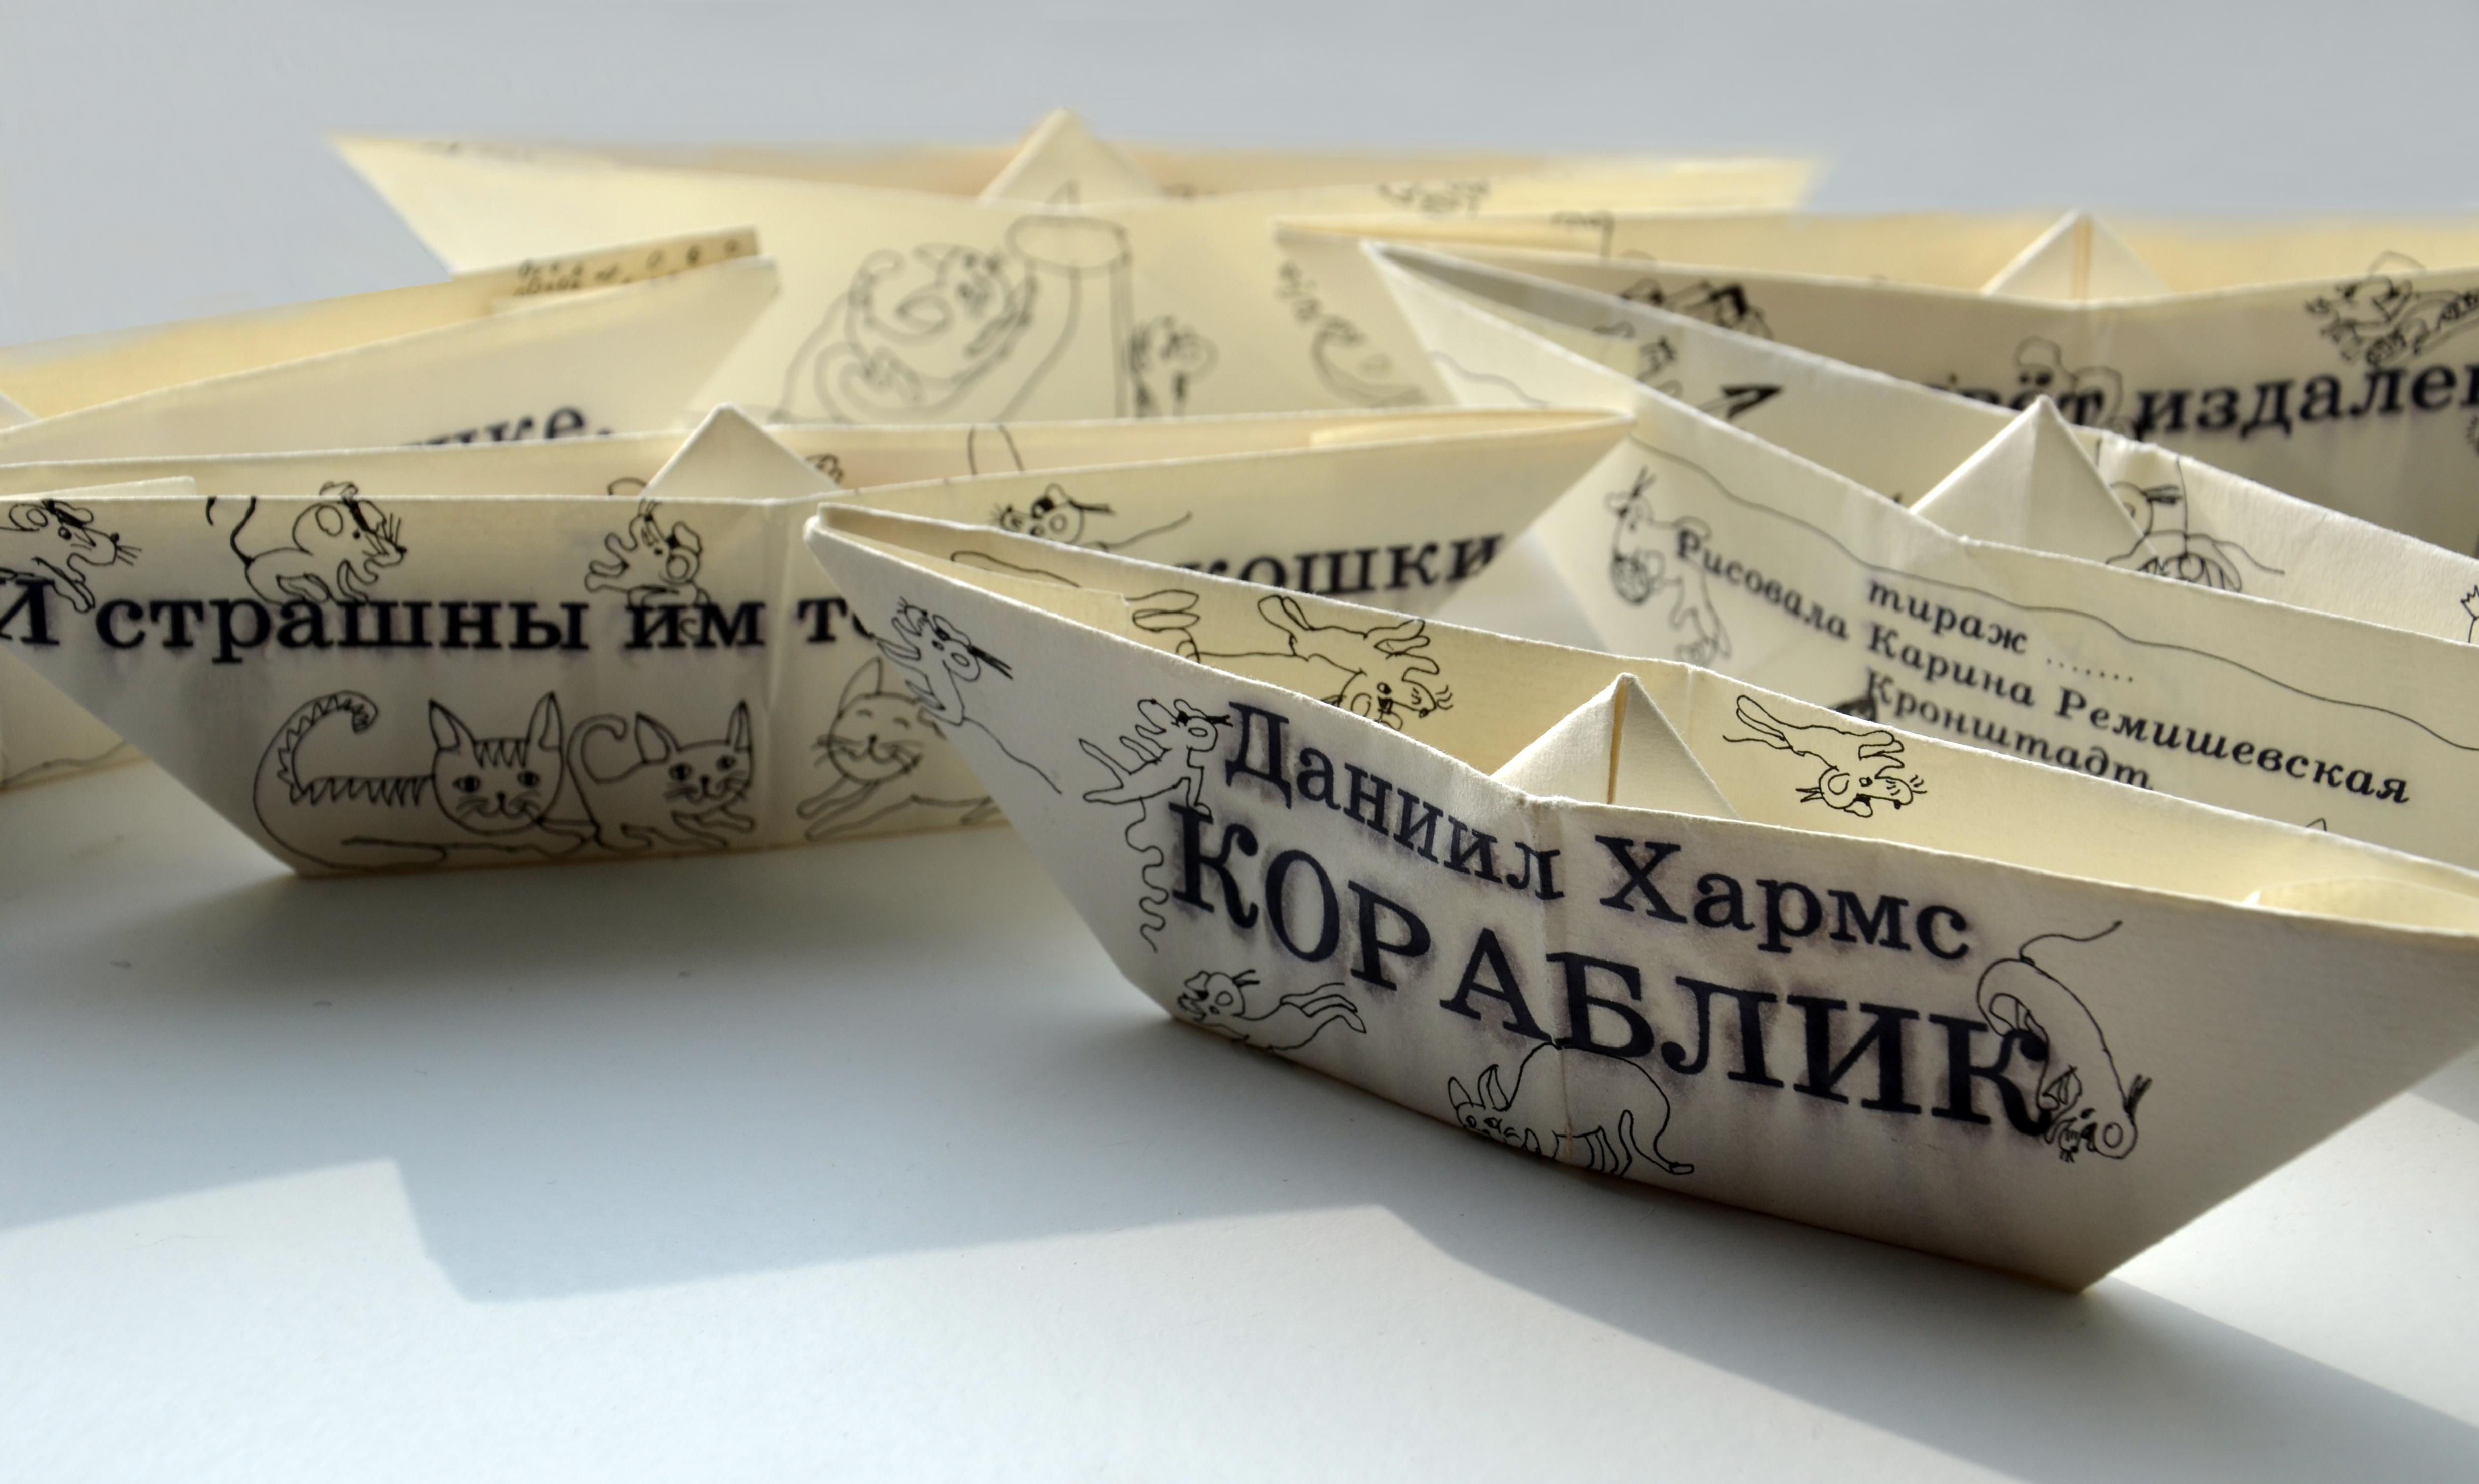 Д.Хармс. Рисунки Карины Ремишевской Кораблик 2004.(тираж 3 эк.)